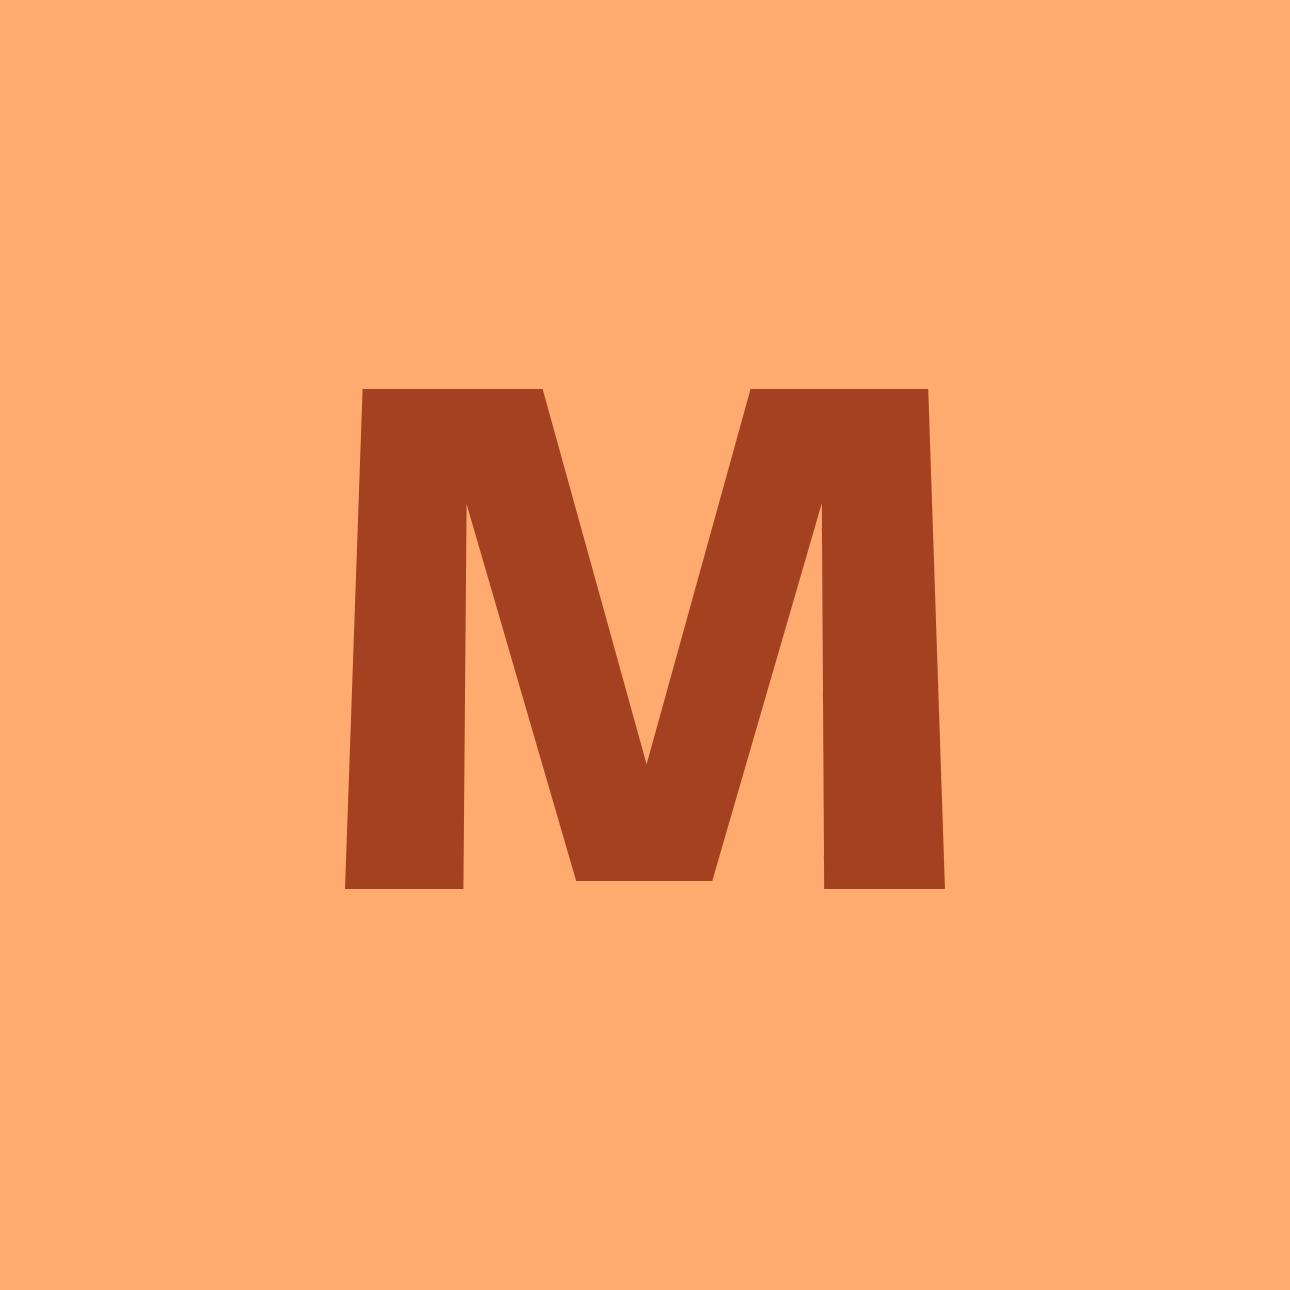 מרתה דלי_1